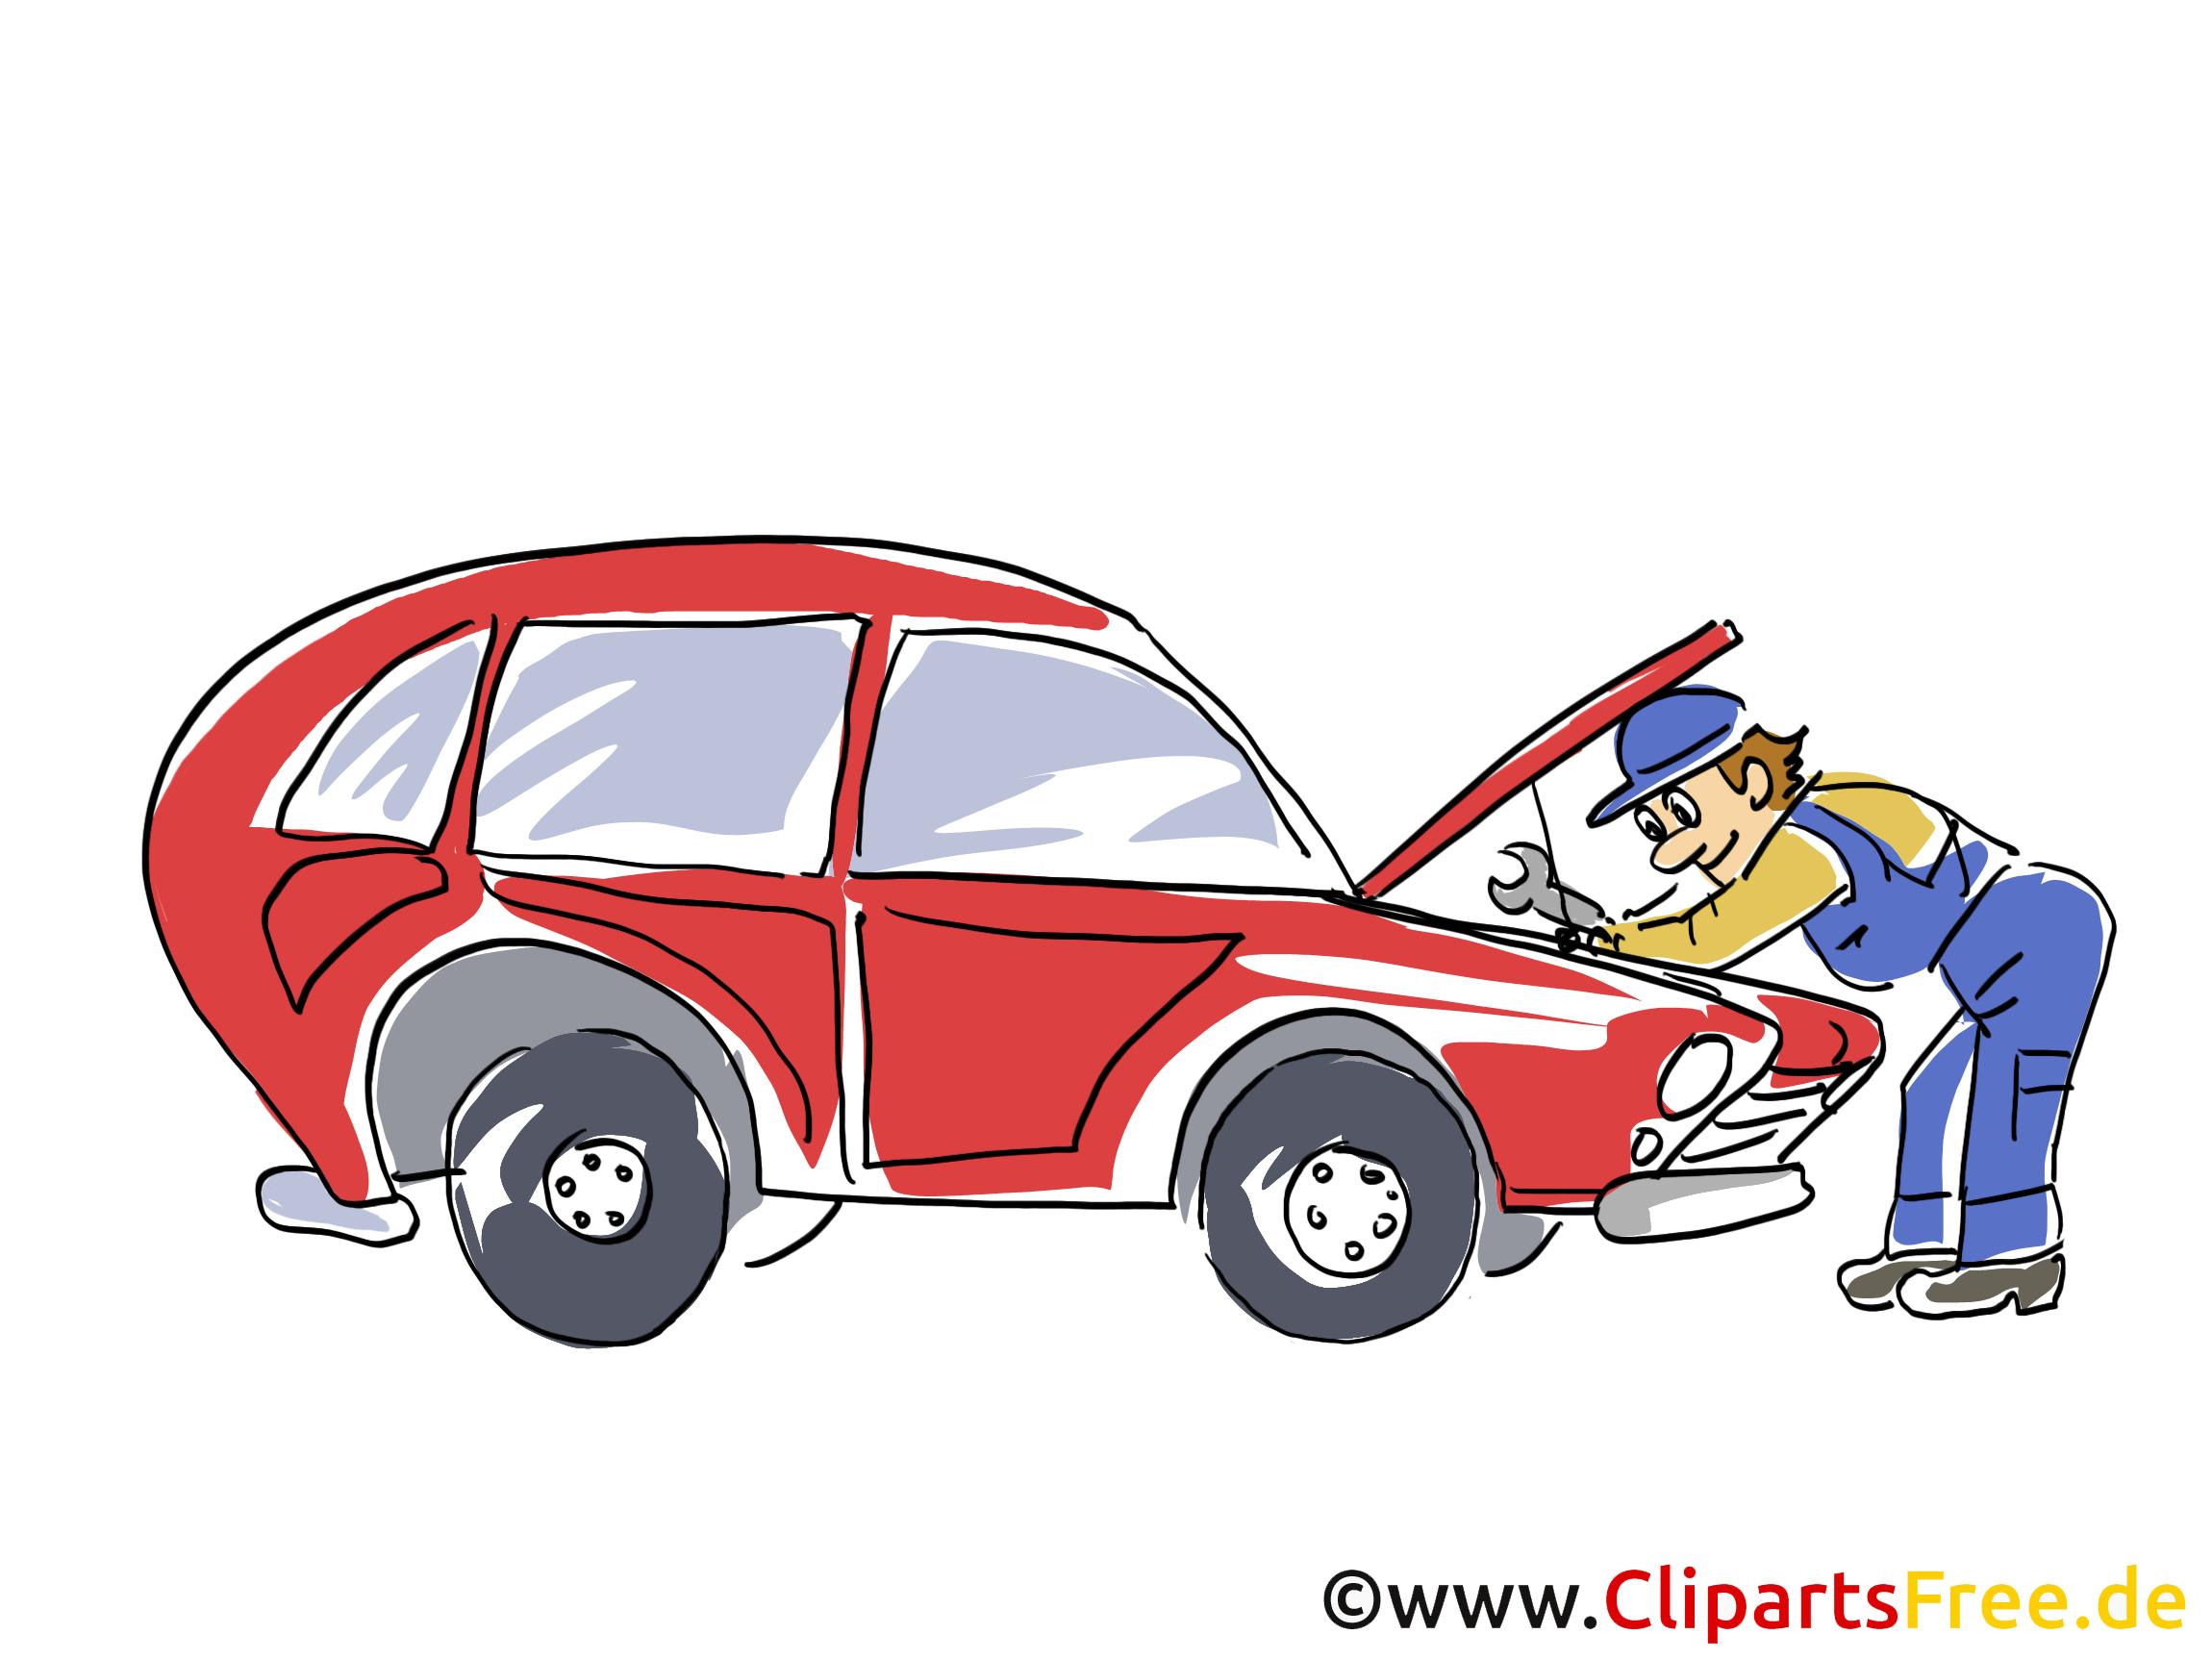 Kfz Werkstatt Clipart, Bild, Grafik, Cartoon, Illustration gratis